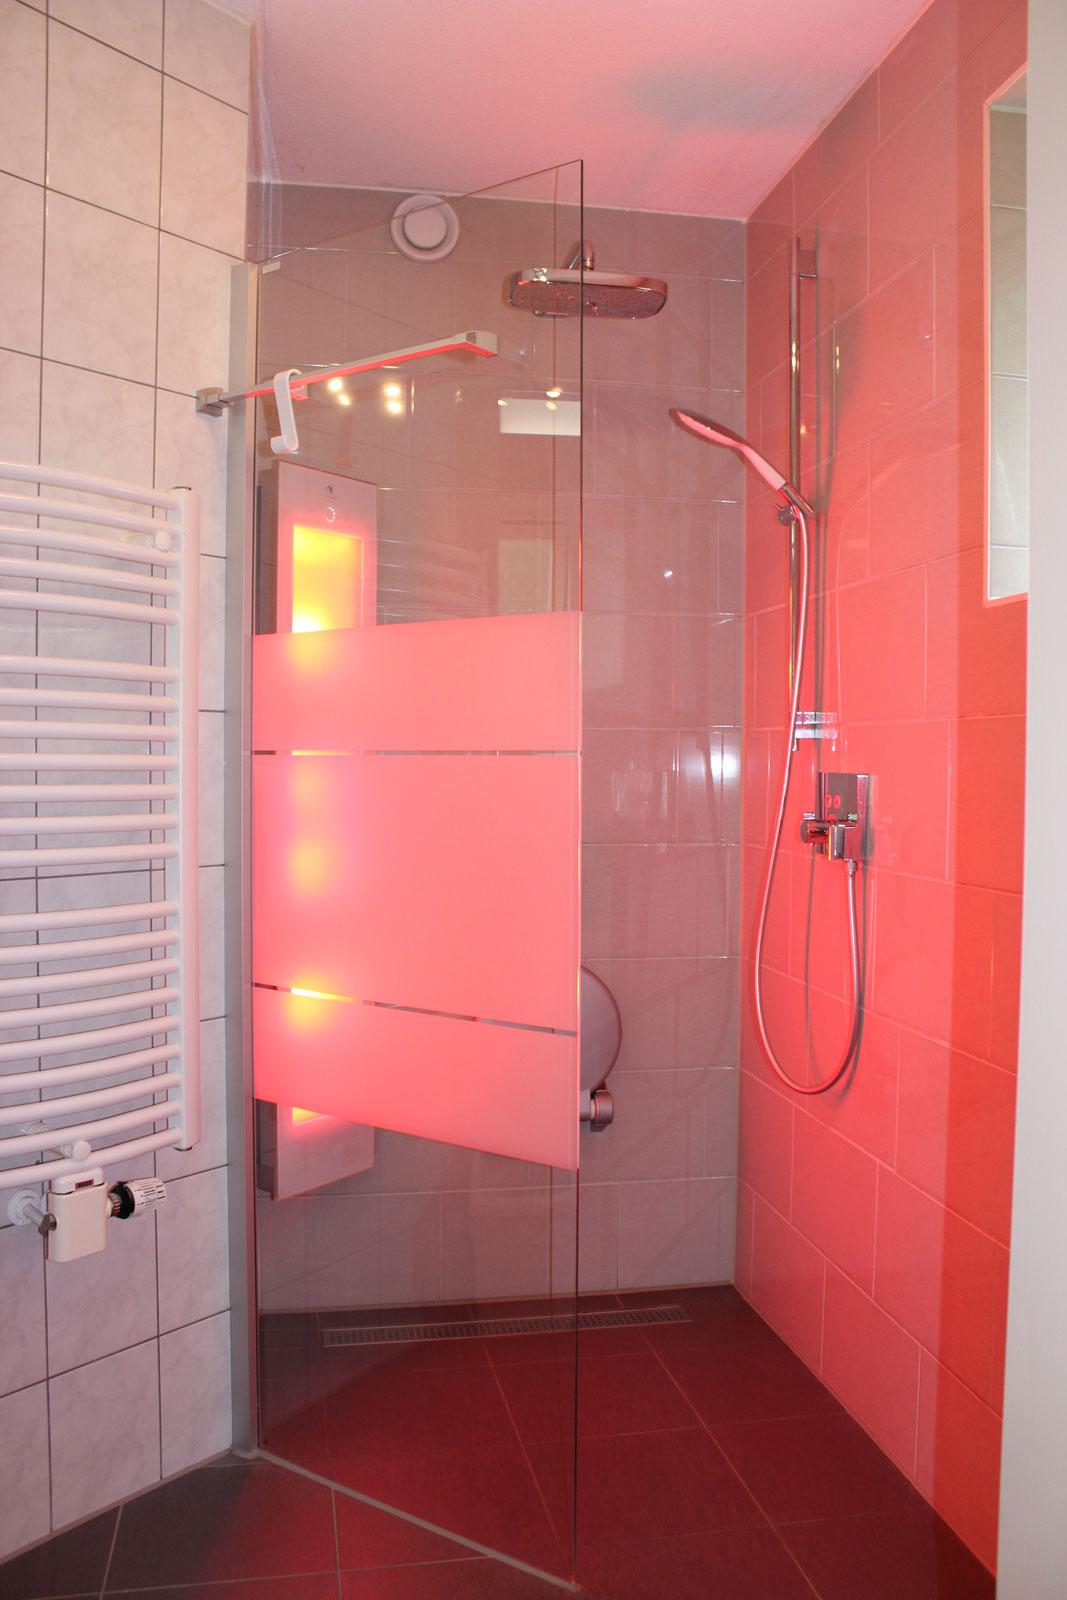 vakantiehuizen nr 12 en 14 badkamer beneden